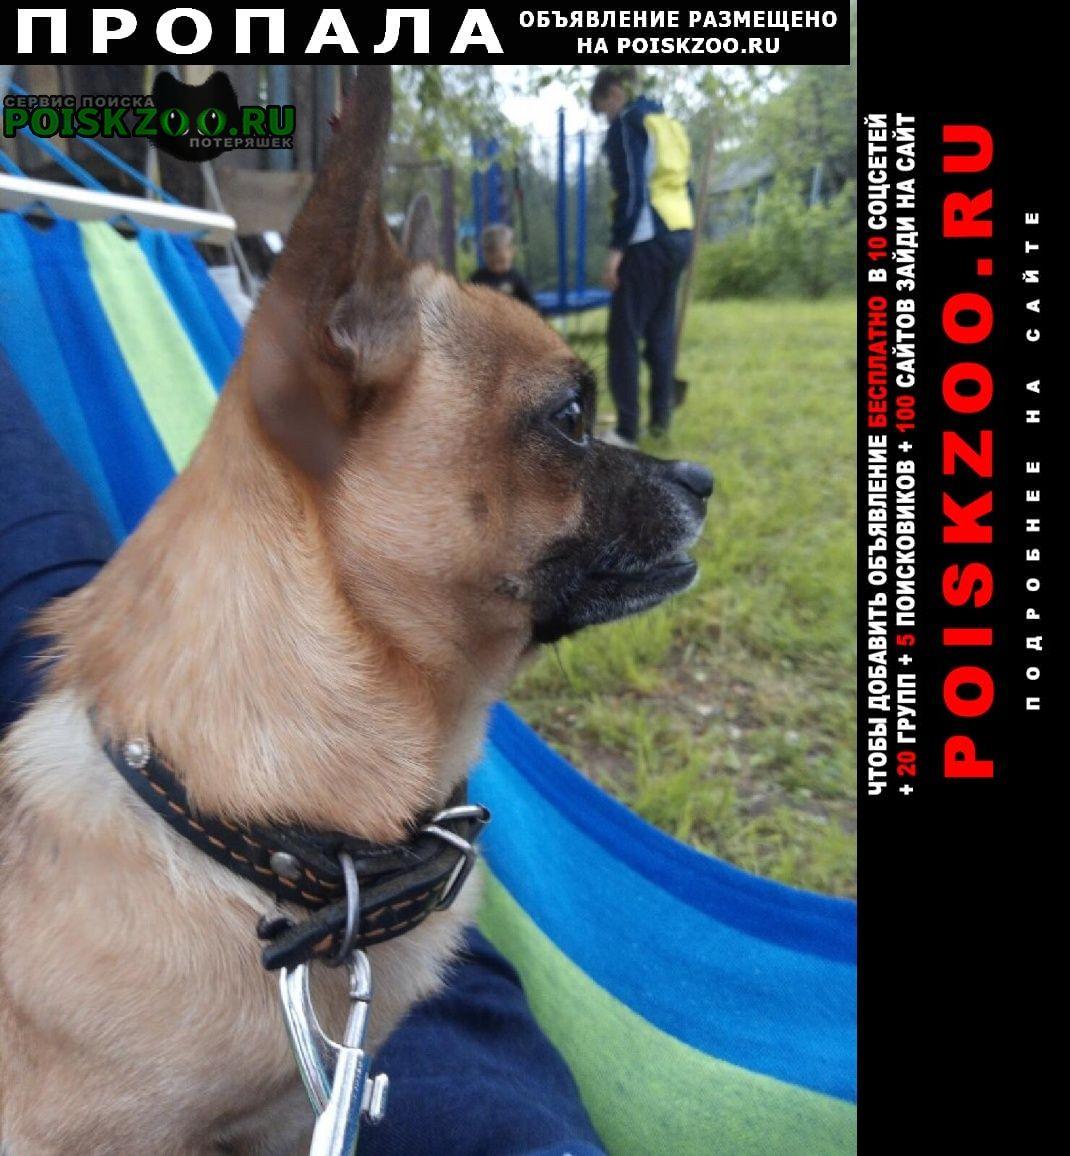 Пропала собака кобель чихуахуа зовут тишка Рыбное